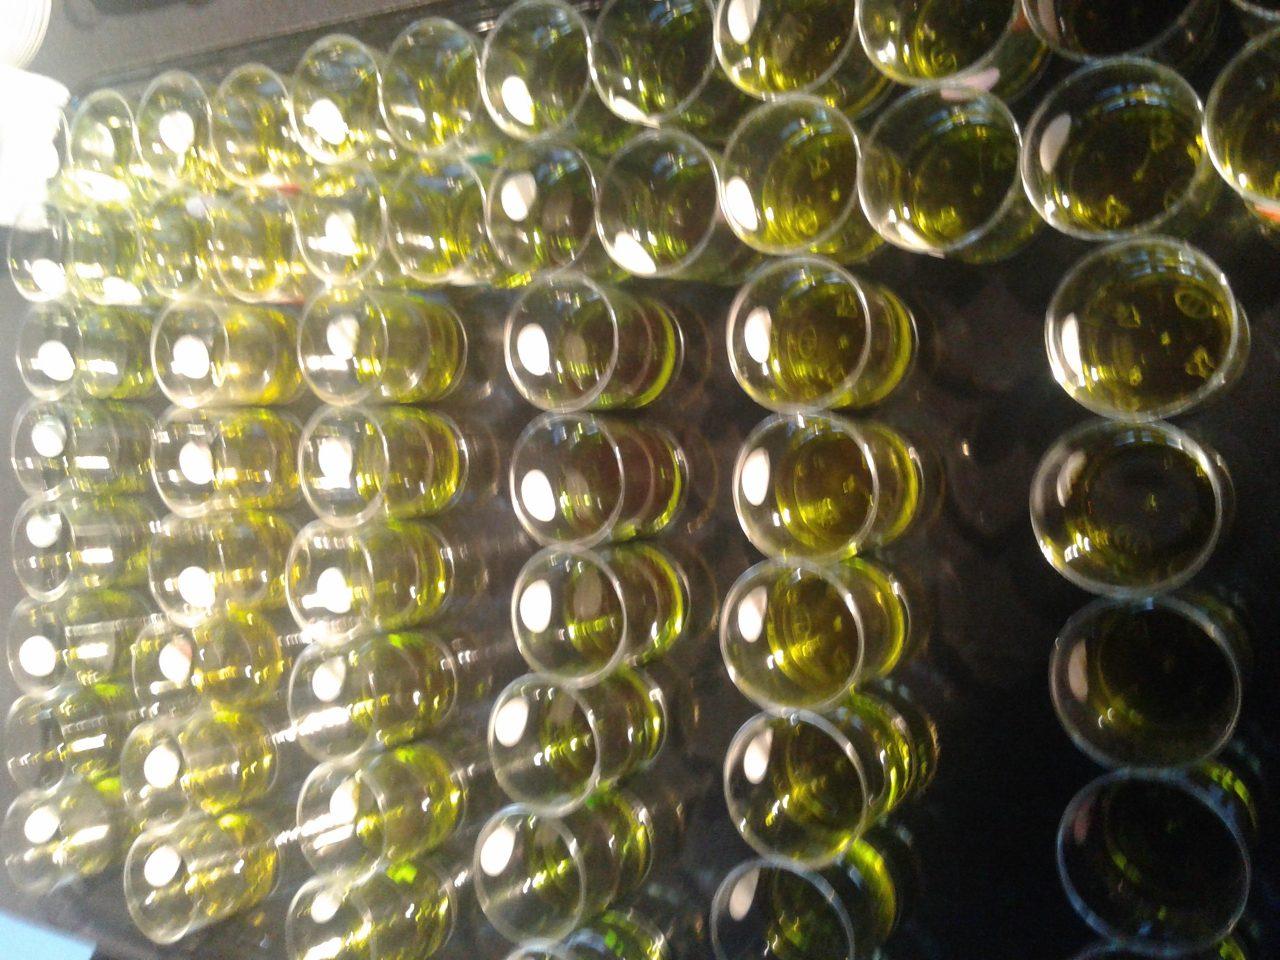 Las empresas de Anierac vendieron en noviembre 31 millones de litros de aceite de oliva